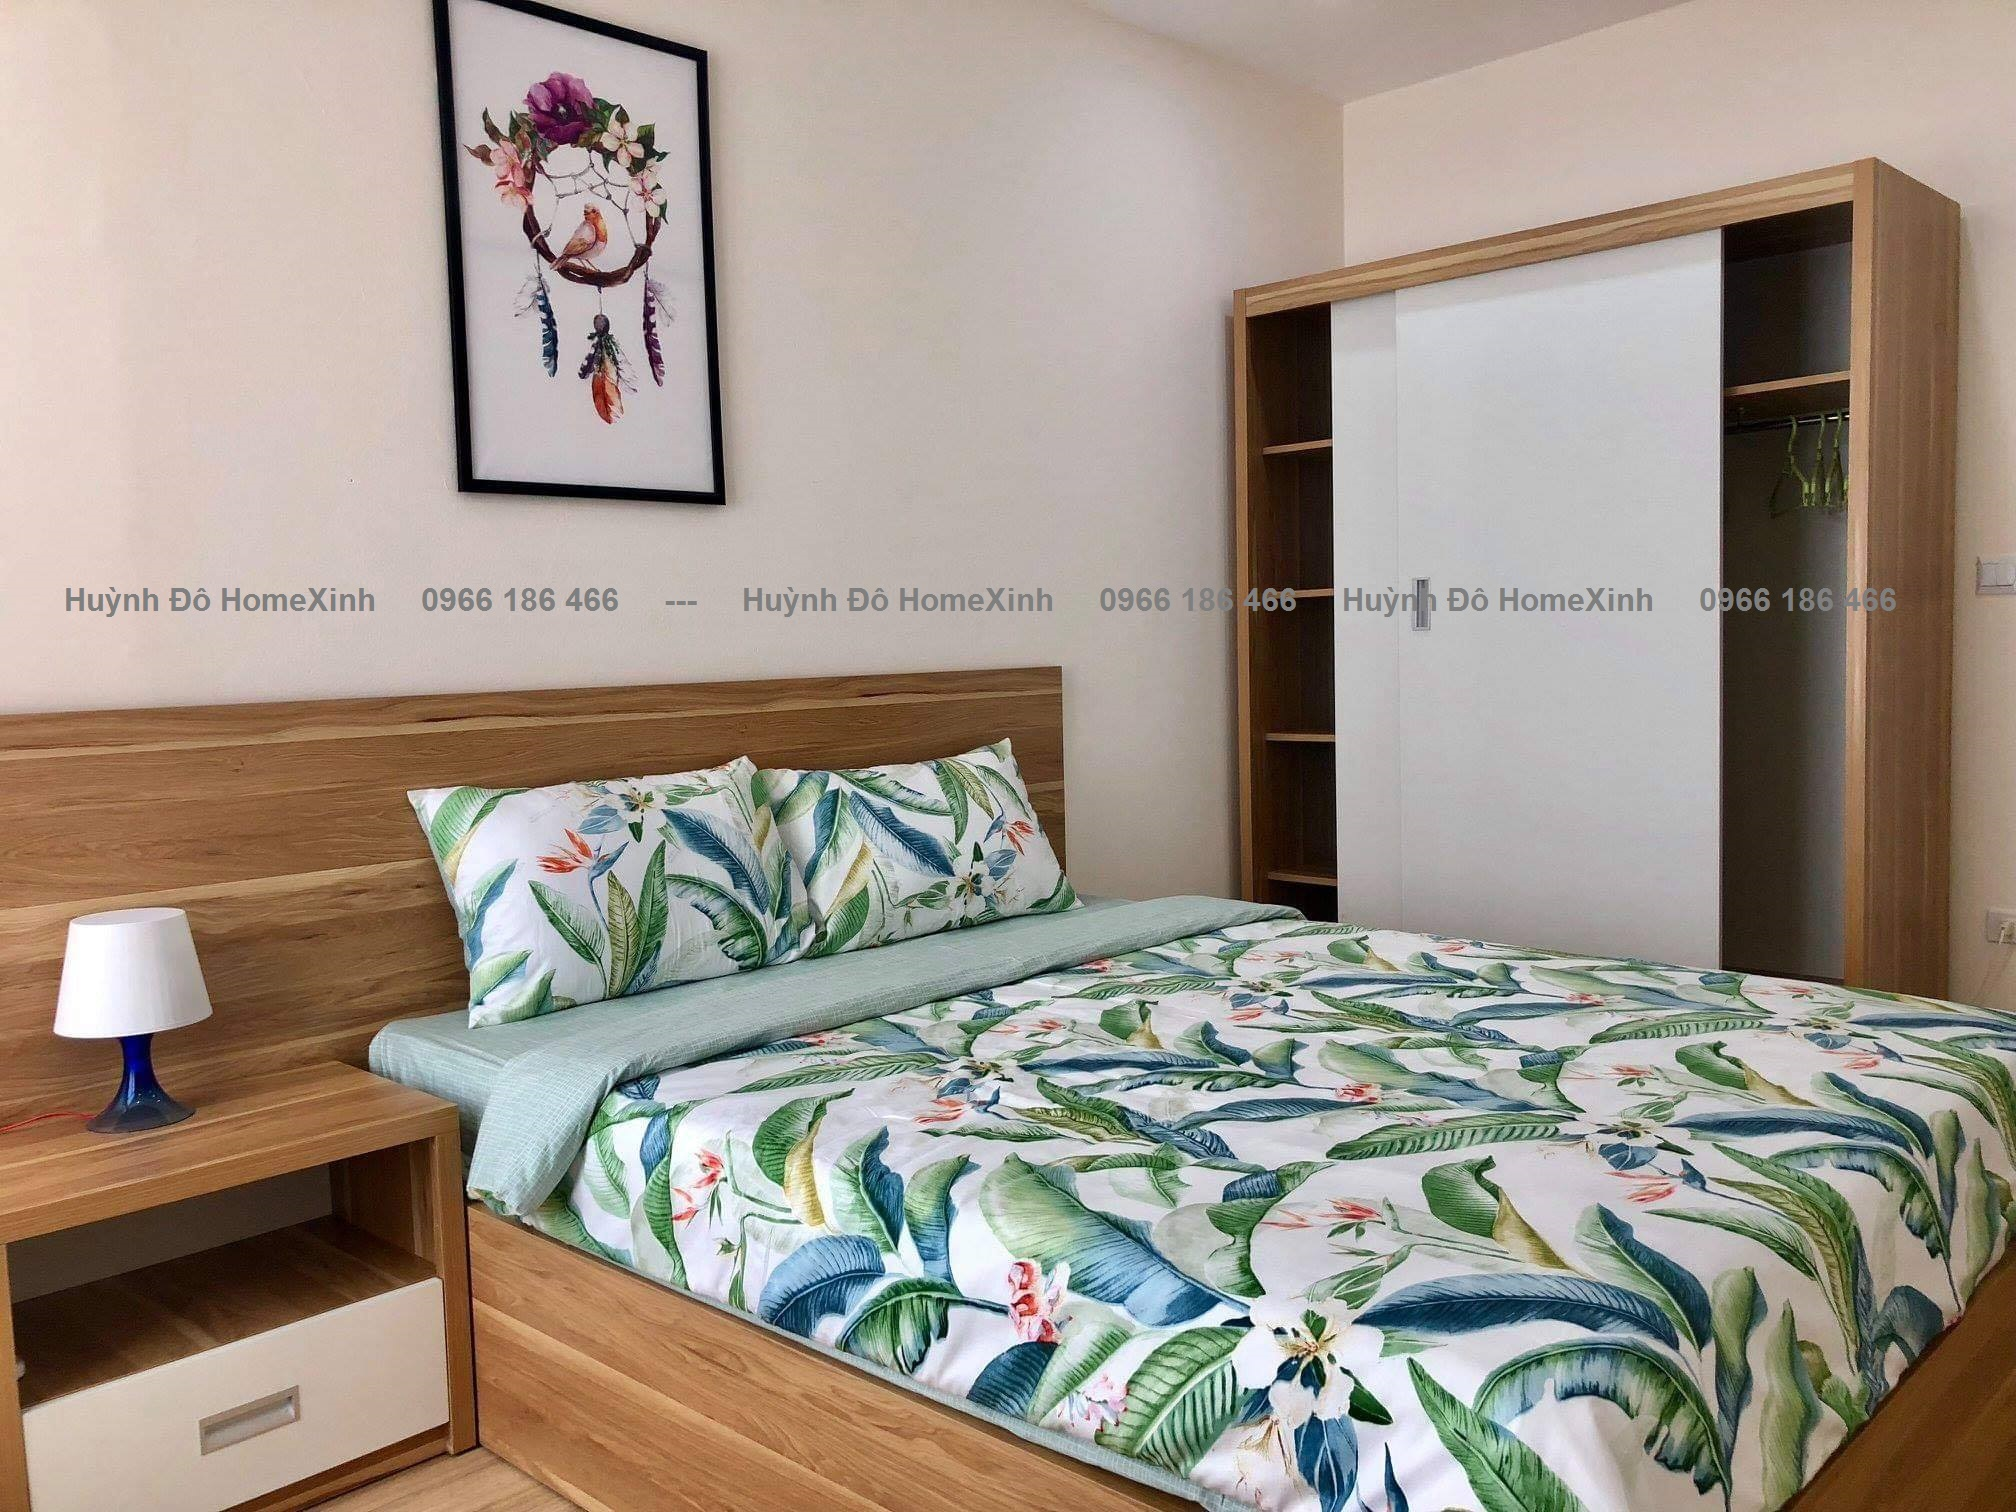 Bộ nội thất phòng ngủ đẹp, hiện đại 2021